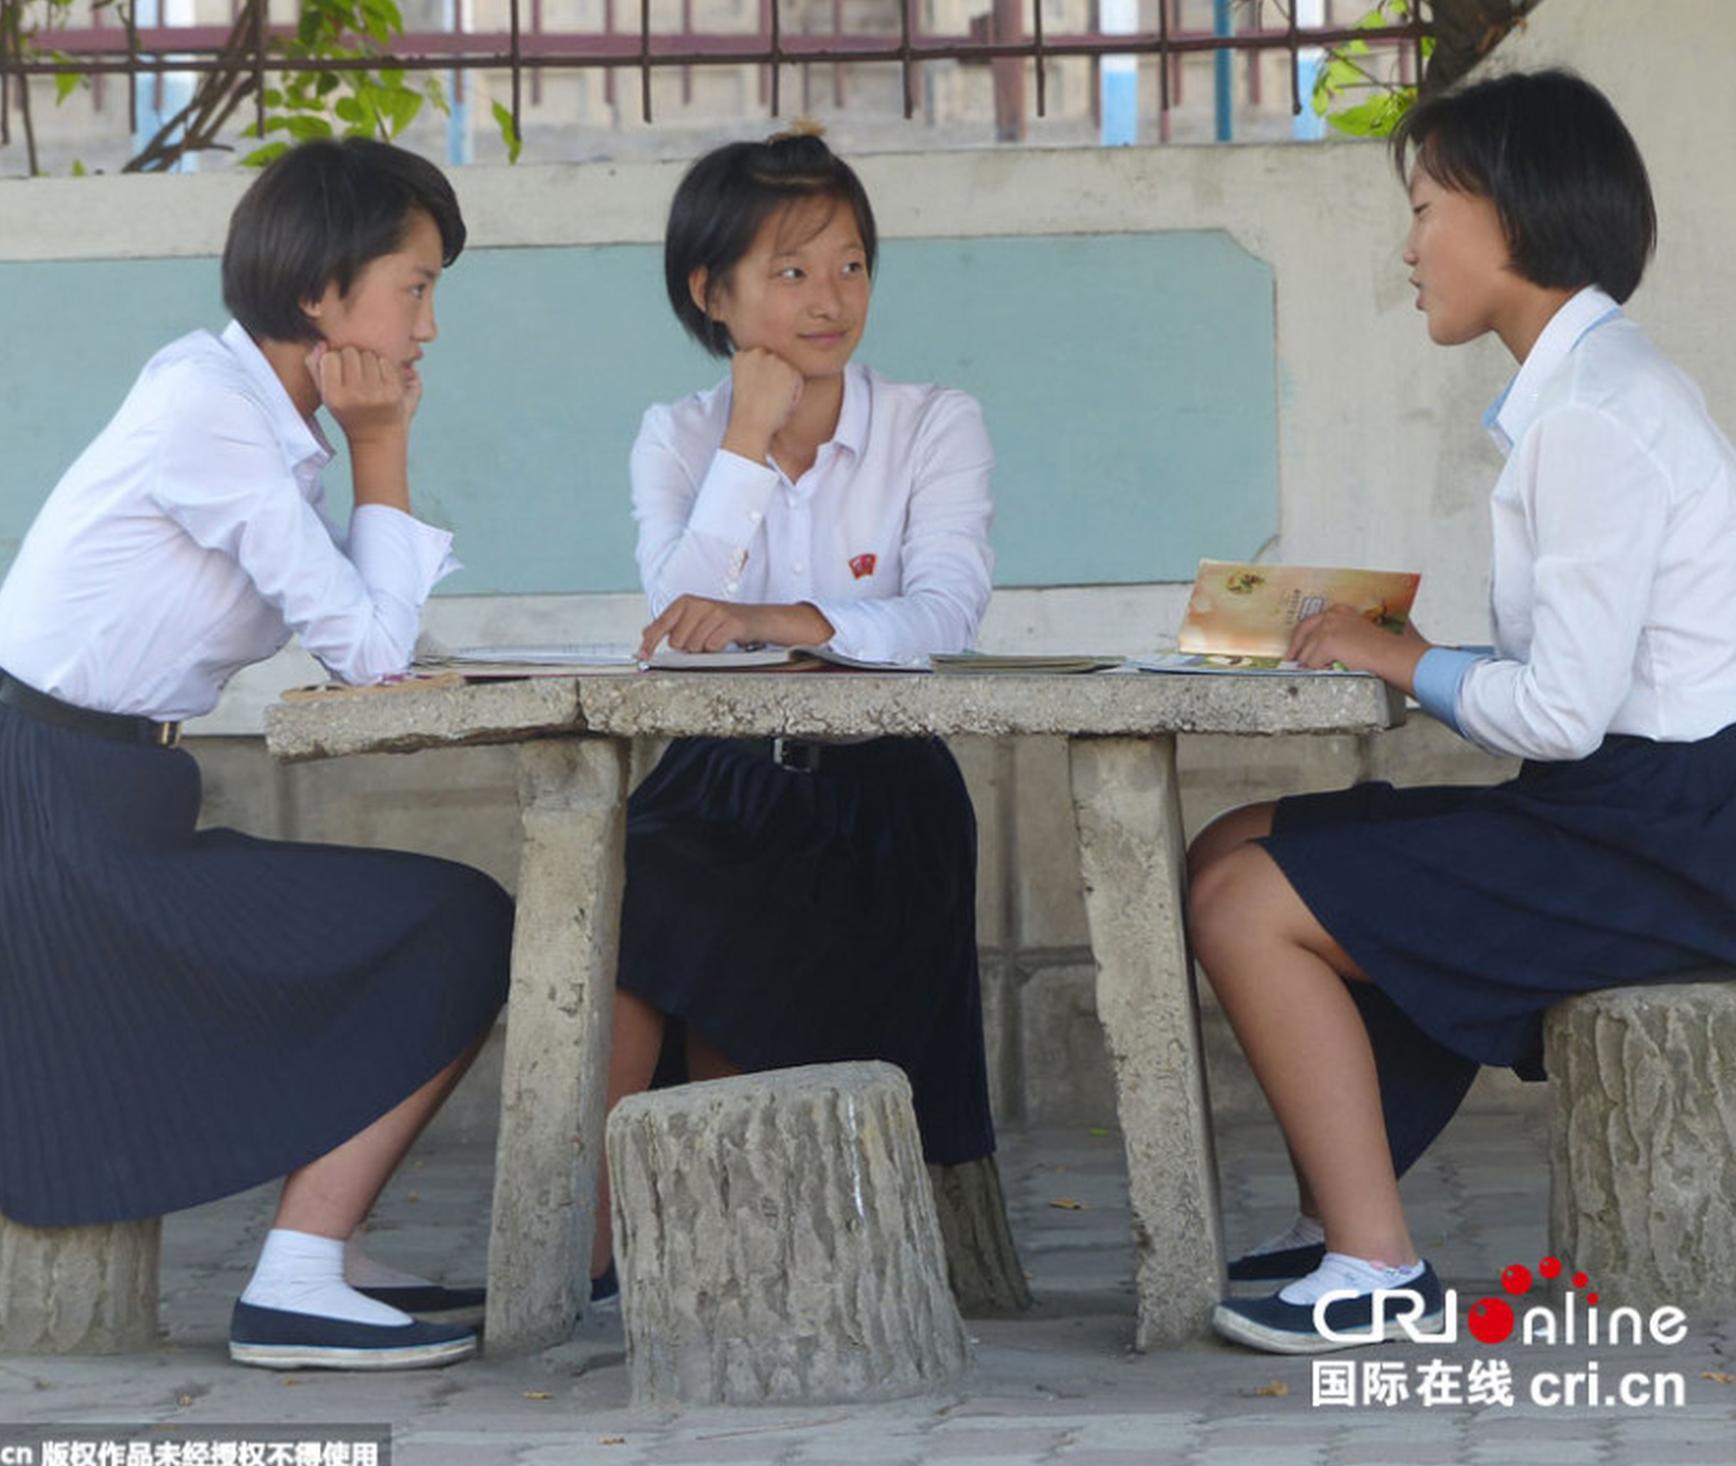 外媒 朝鲜社会没有离婚也没有同性恋